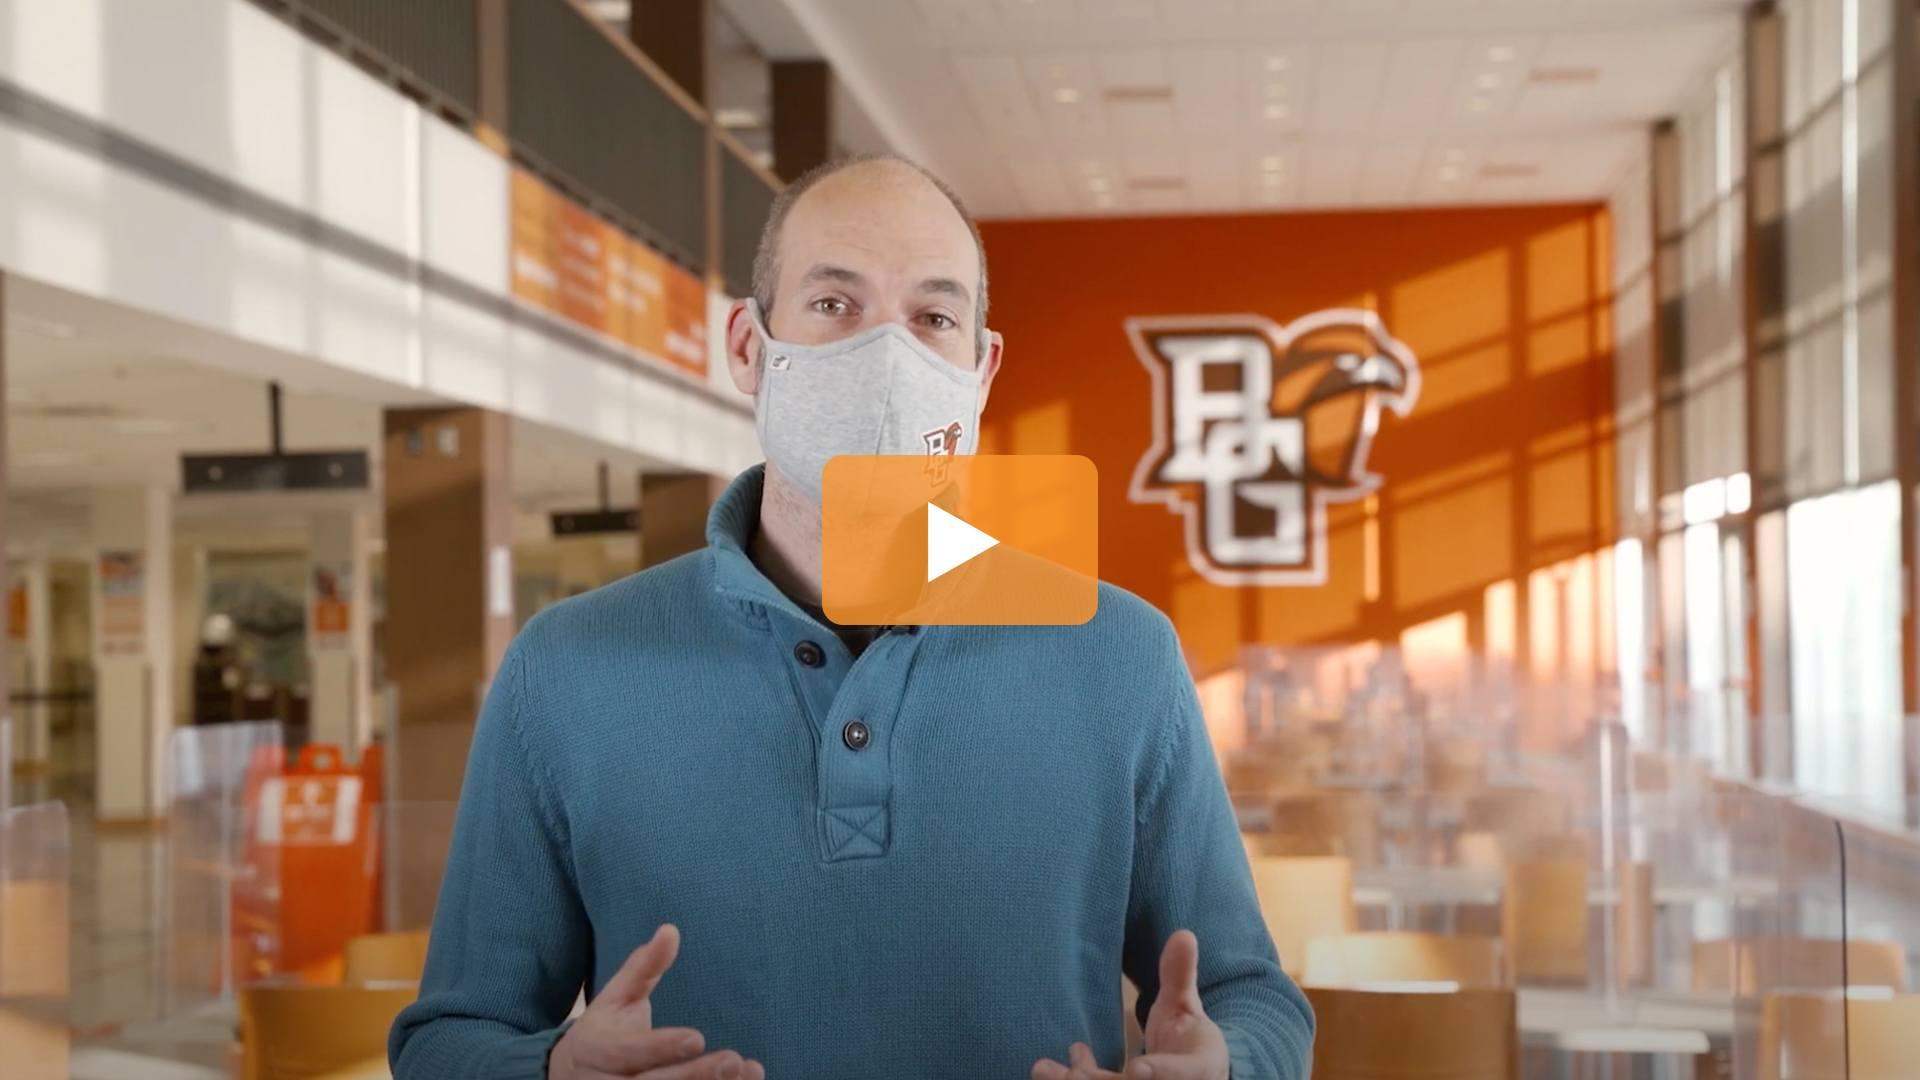 Watch BGSU Chief Health Officer Ben Batey's November 24 Video Update